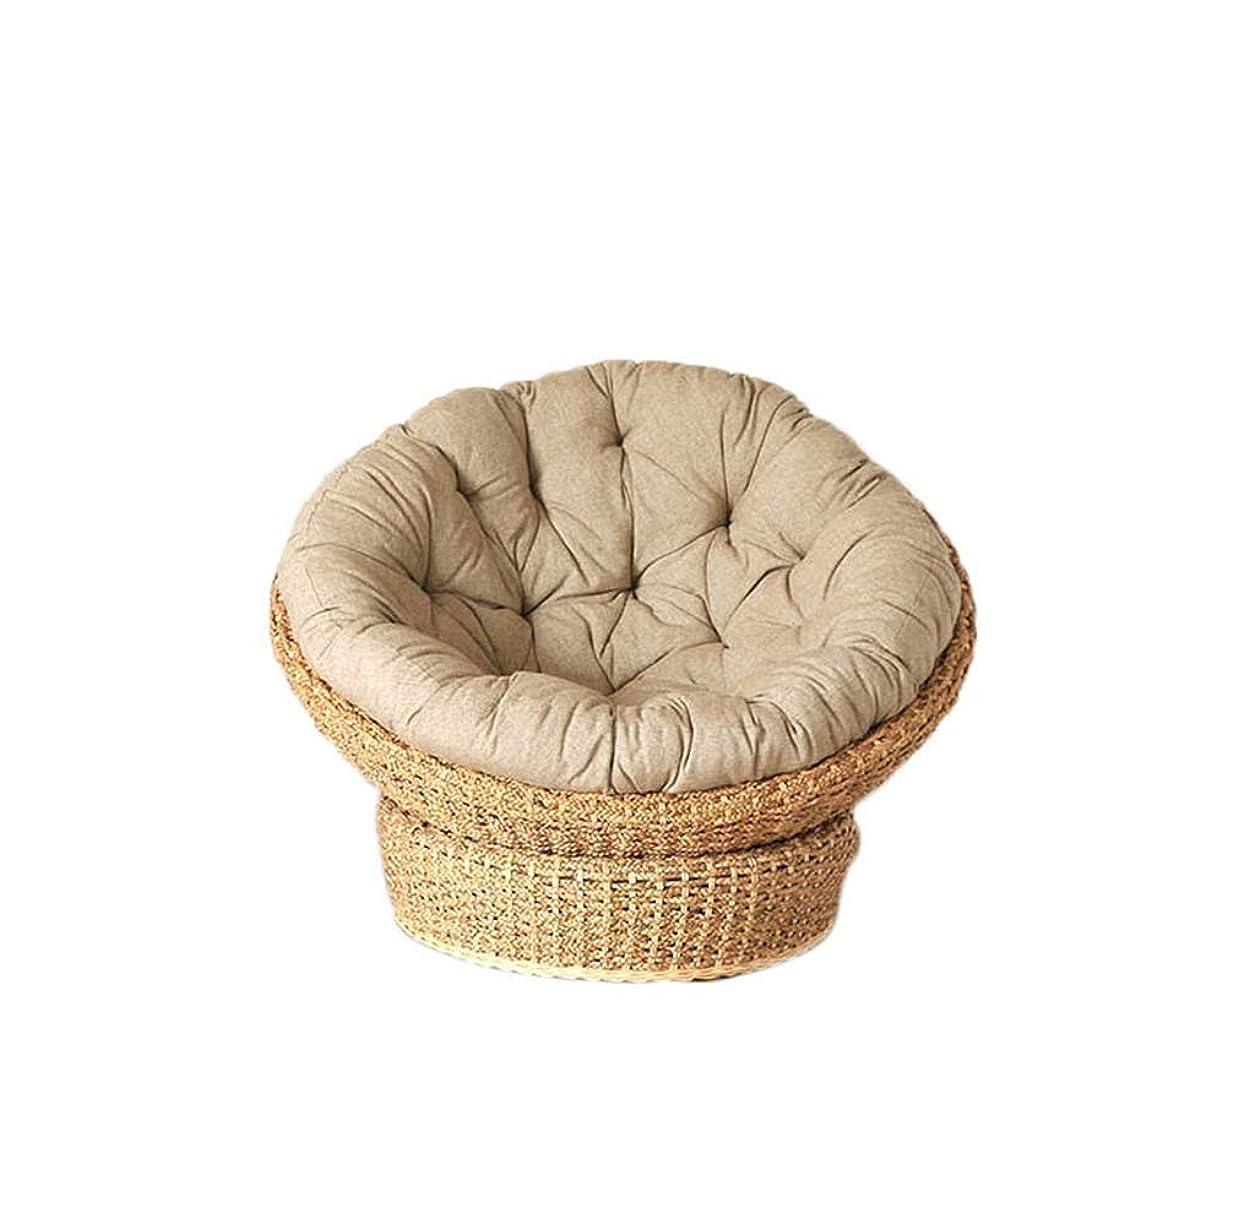 割合近代化バンペットベッド カドラー 猫 小型犬 子供用椅子 パパサンチェア ミニ 1人掛け ソファー ウォーターヒヤシンス 籐 ラタン ペット用品 キャット ドッグ キッズチェア ナチュラル アジアン おしゃれ